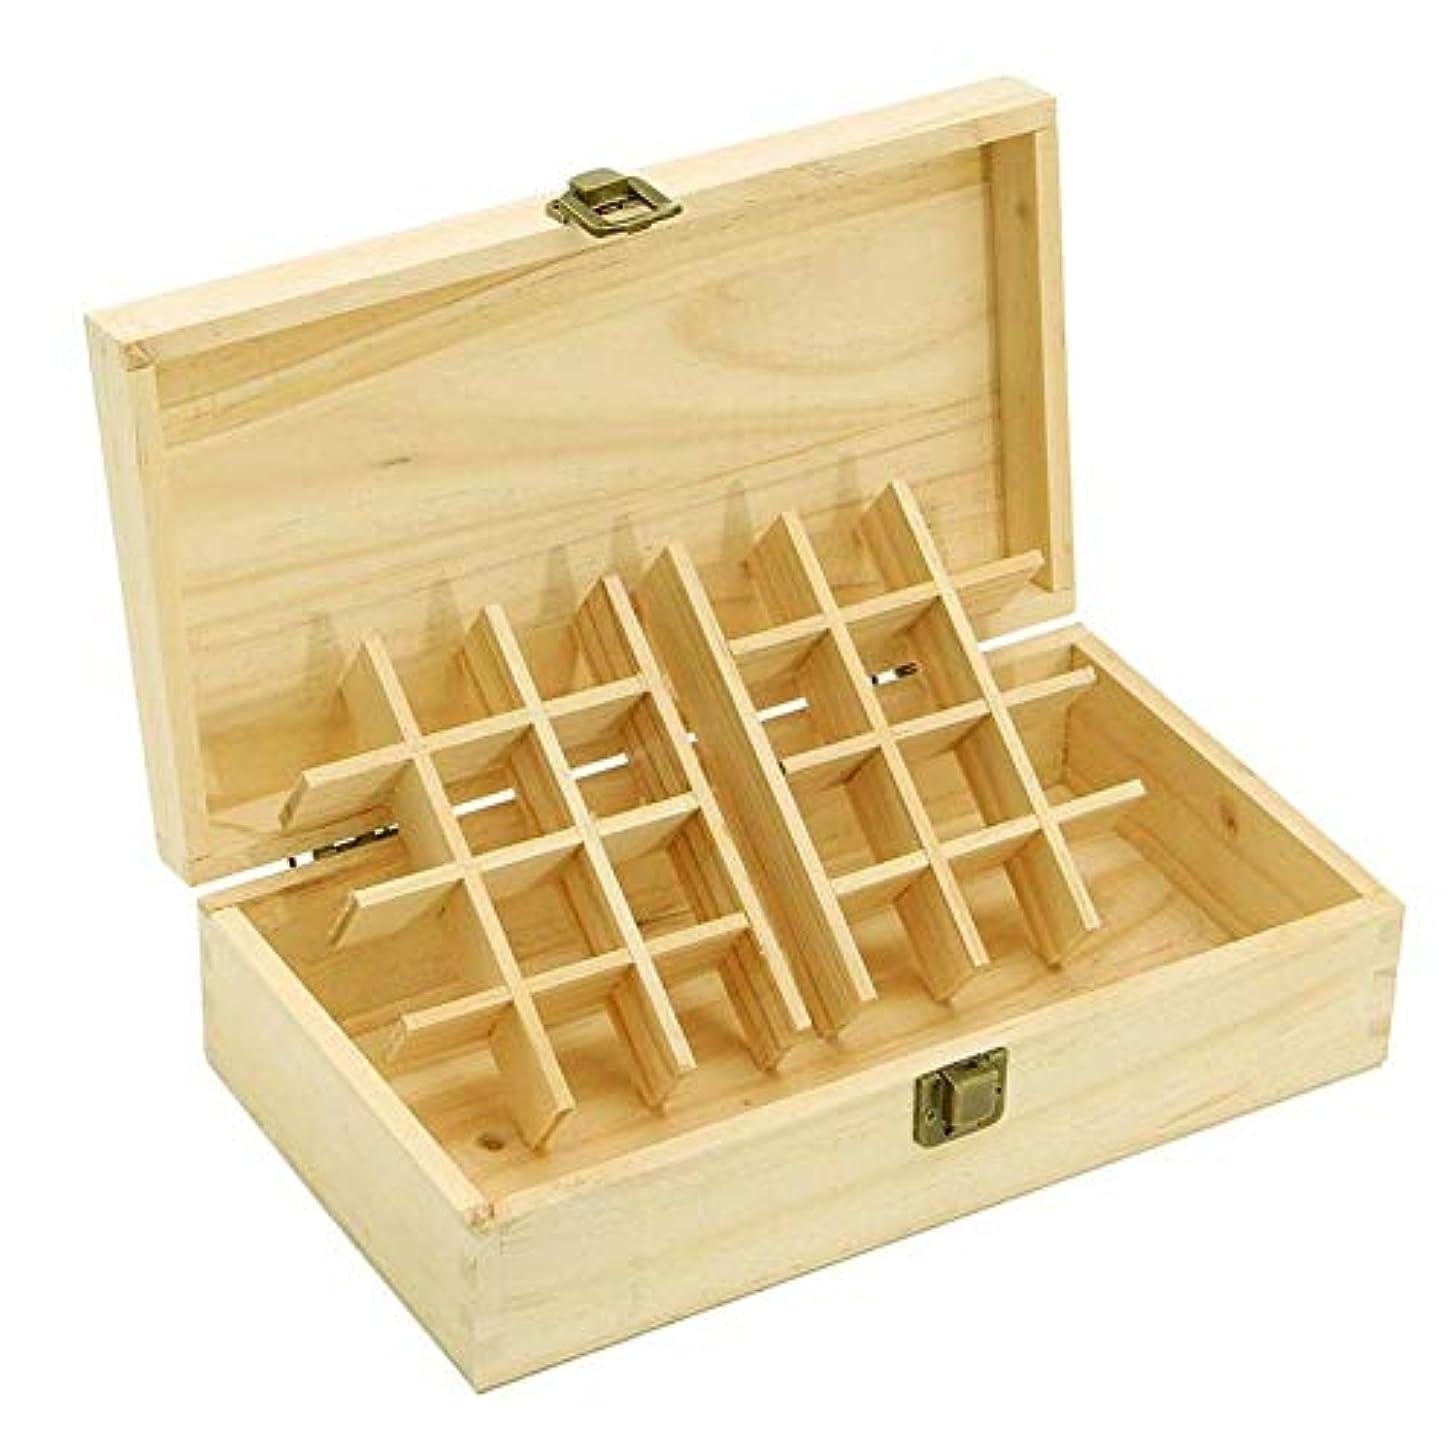 アラームそのようなスチュワーデスエッセンシャルオイル収納ボックス 純木の精油の収納箱 香水収納ケース アロマオイル収納ボックス